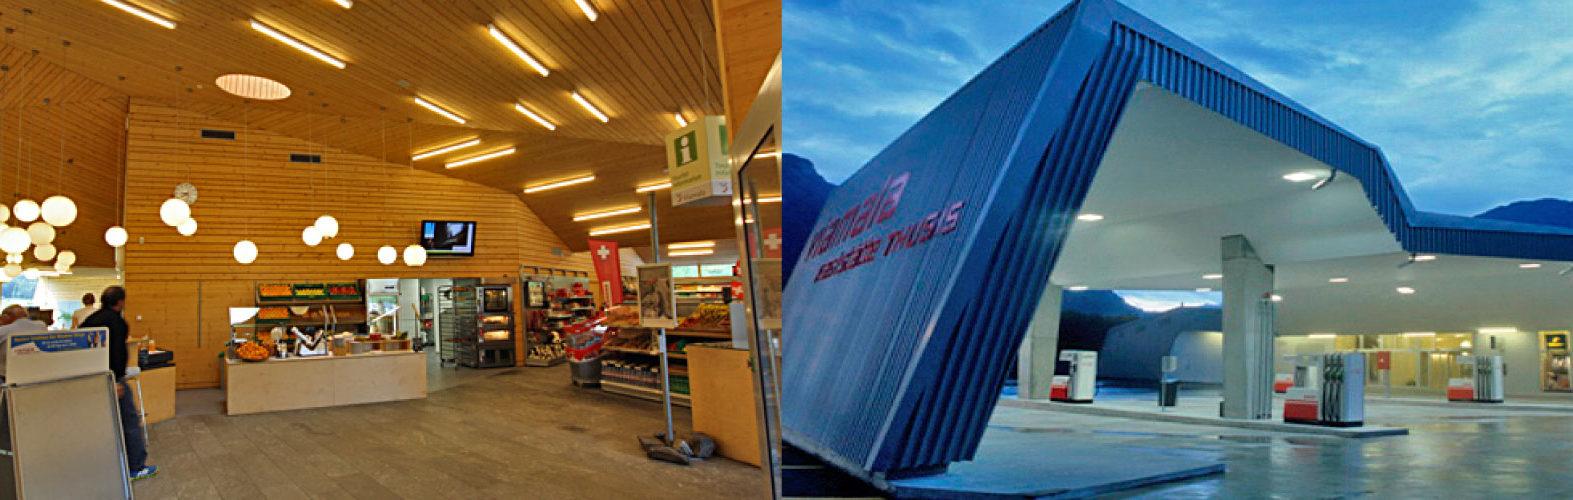 Autobahnraststätte Viamala, Shop und Restaurant